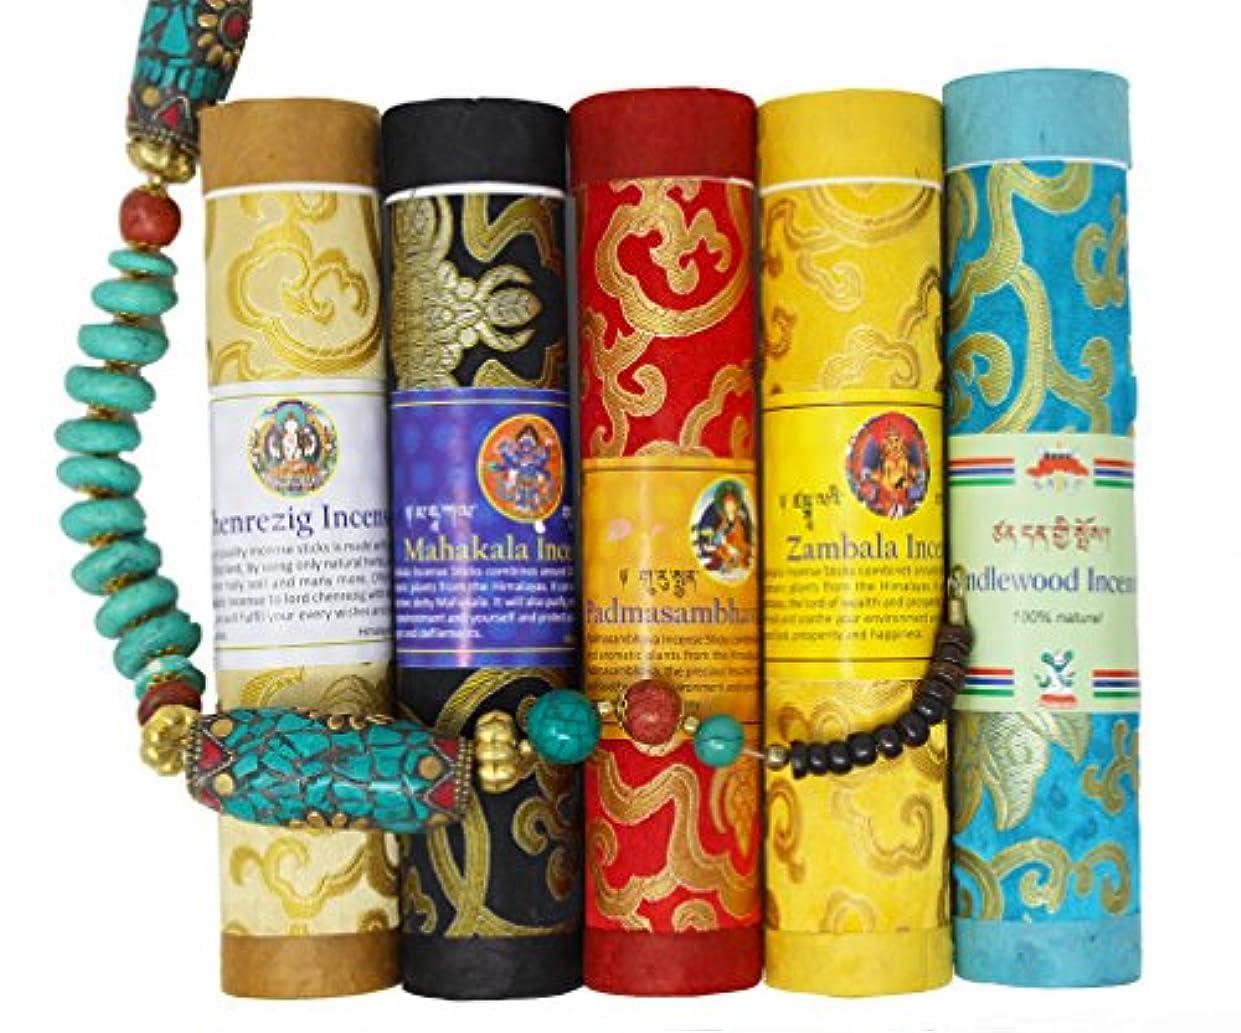 追い払う調和のとれた怒ってjuccini Tibetan Incense Sticks ~ Spiritual Healing Hand Rolled Incense Made from Organic Himalayan Herbs